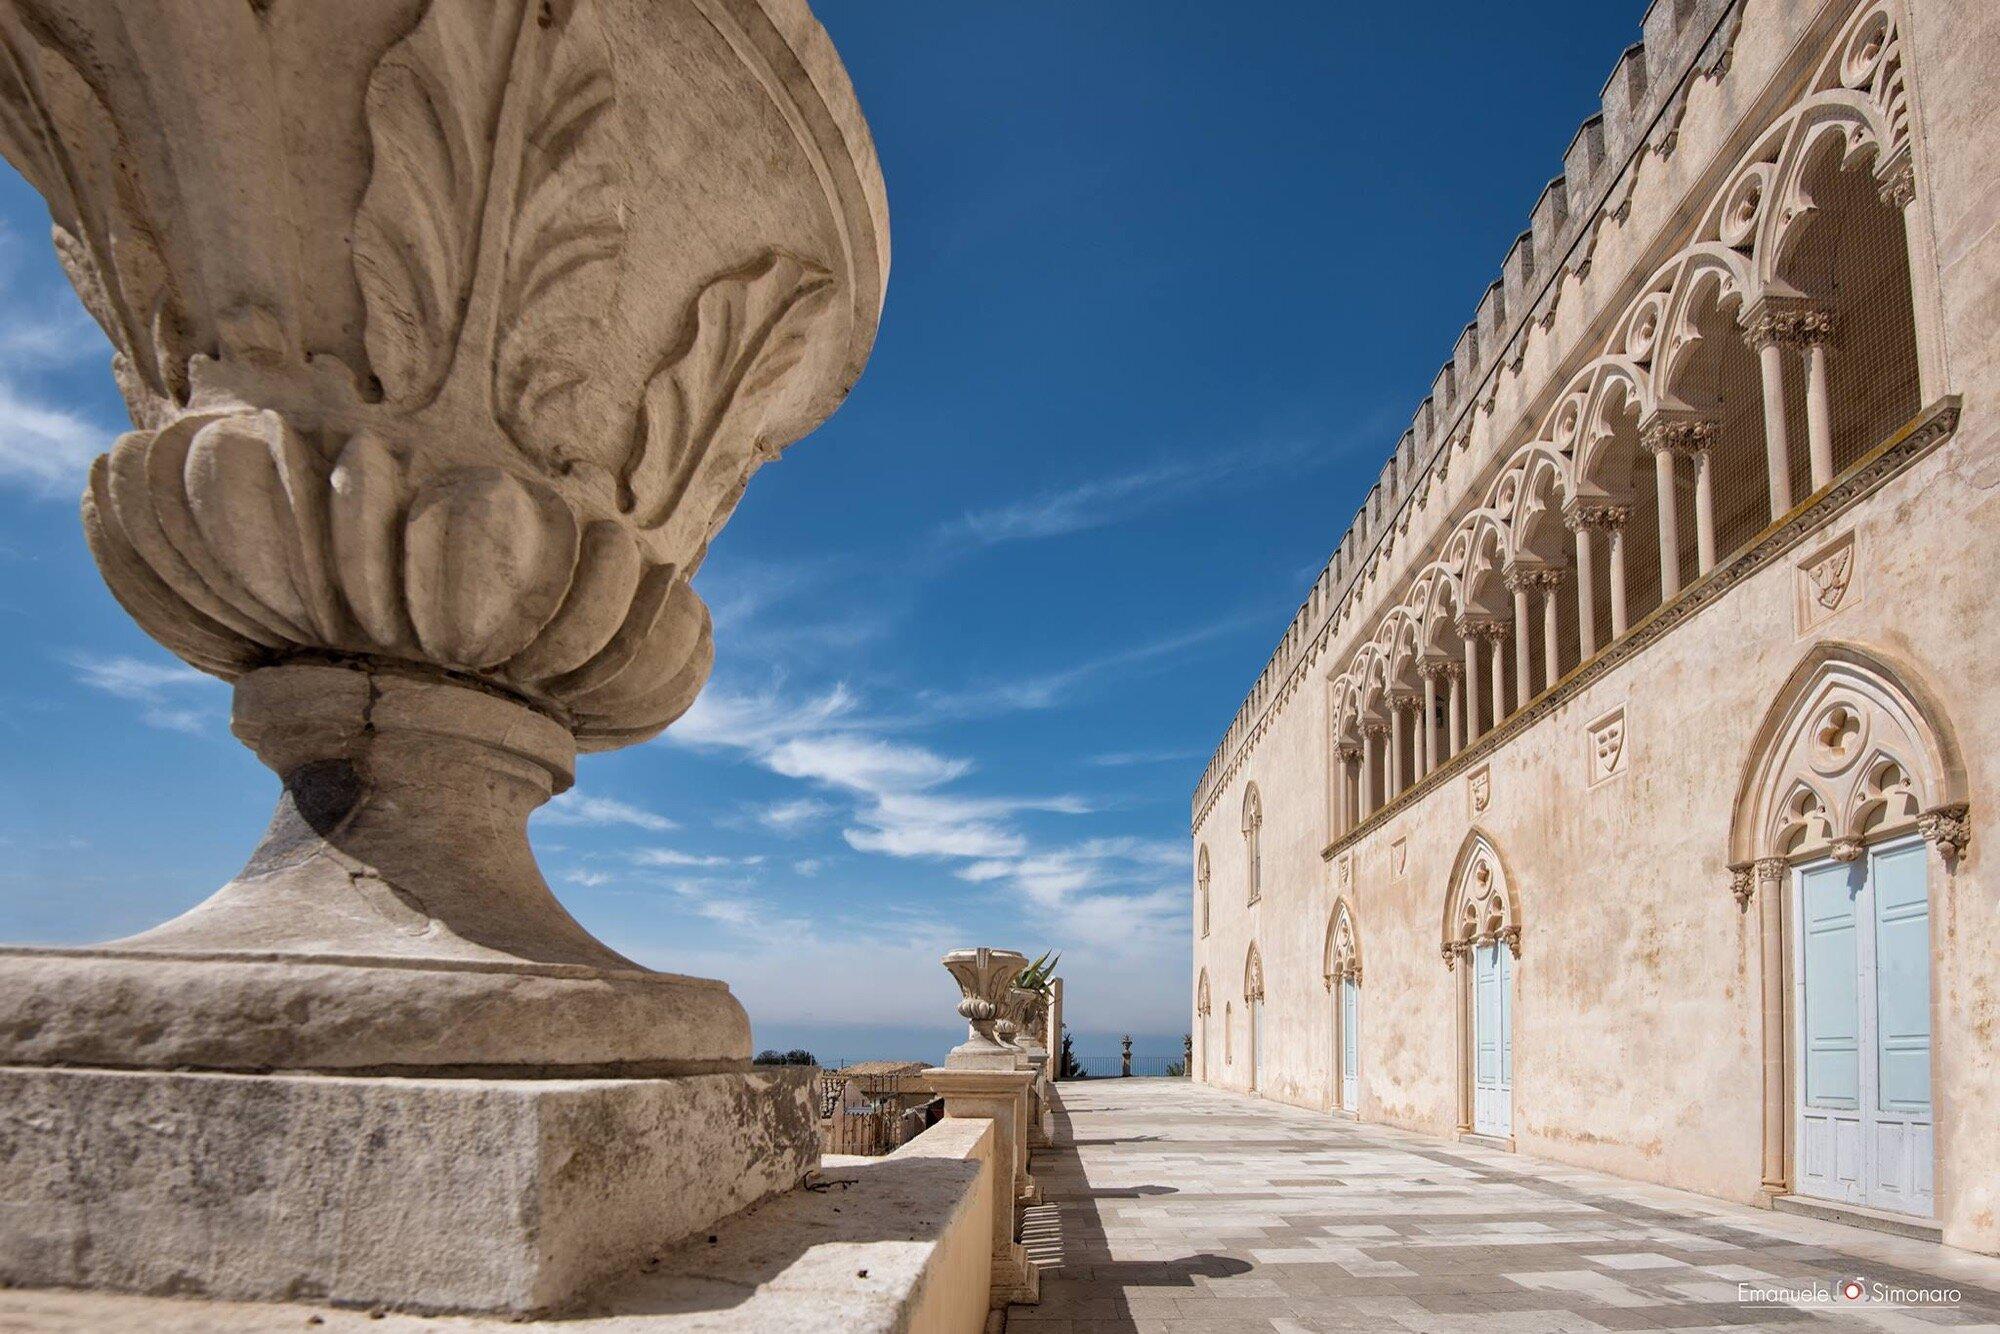 Tre nuovi appuntamenti con il Festival Lirico dei Teatri di Pietra: Caltanissetta, Gela e Donnafugata le tappe scelte per lo speciale tour settembrino